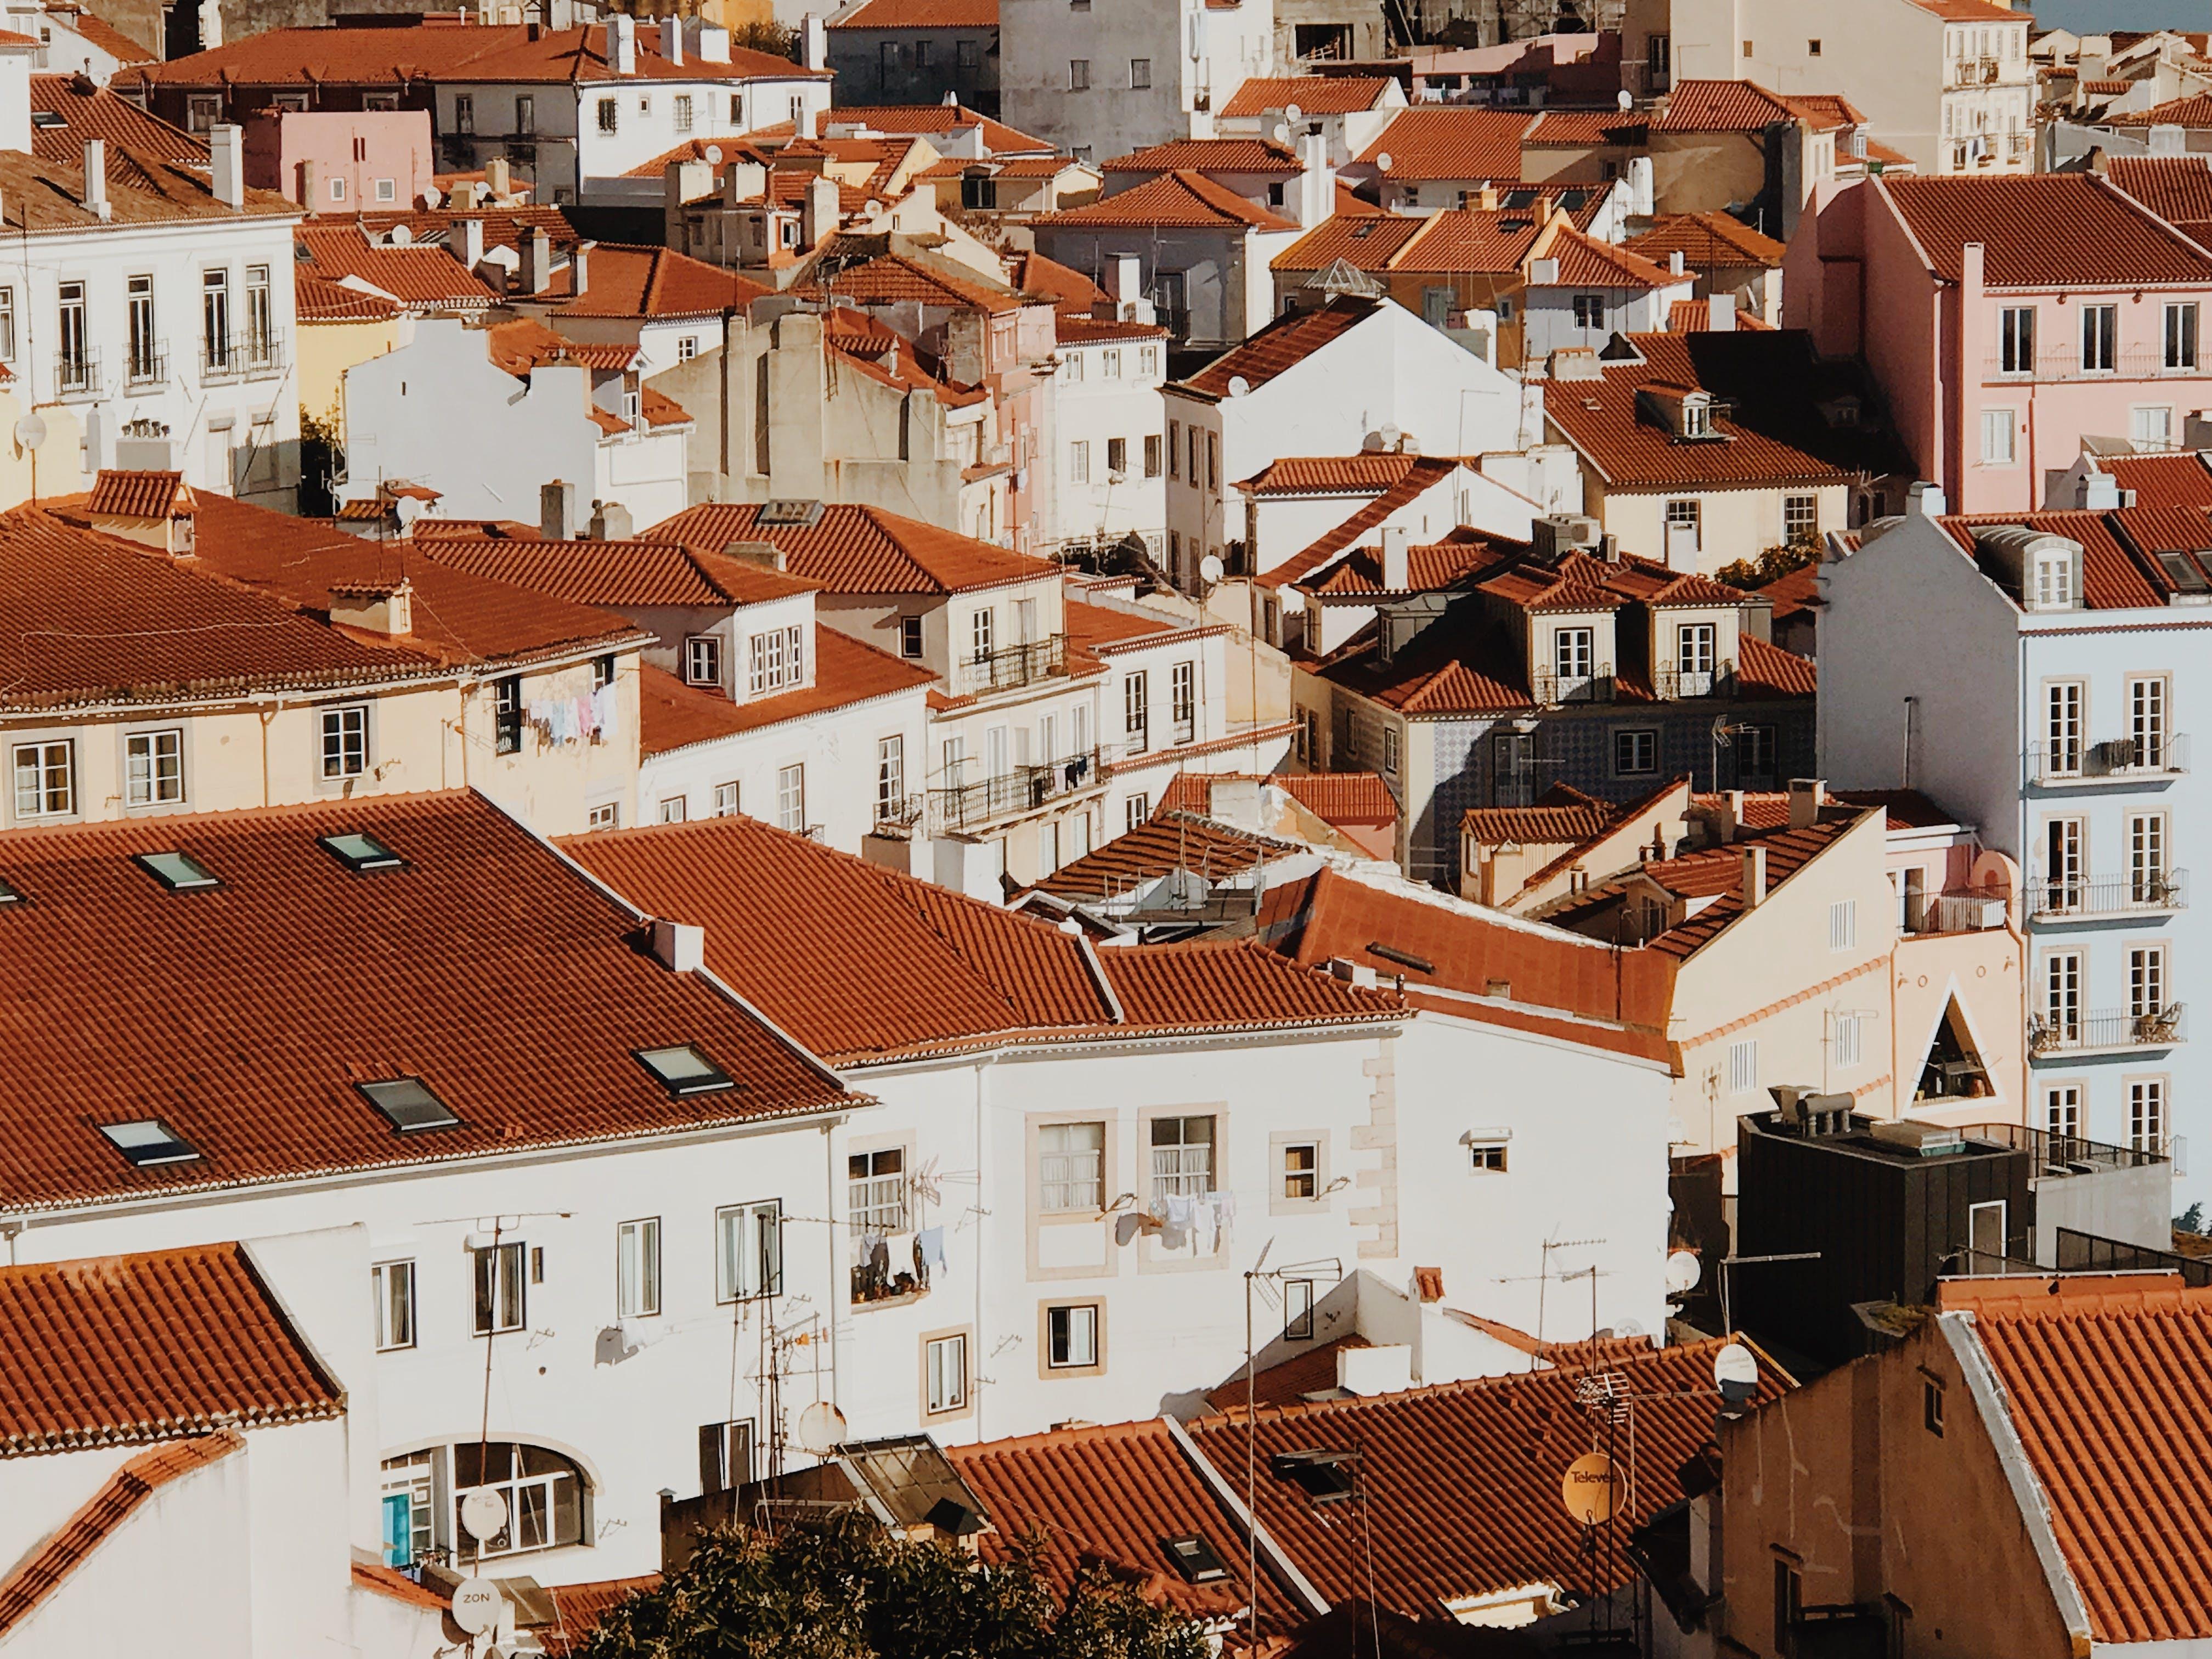 Foto profissional grátis de arquitetura, cobertura, edifícios, janelas